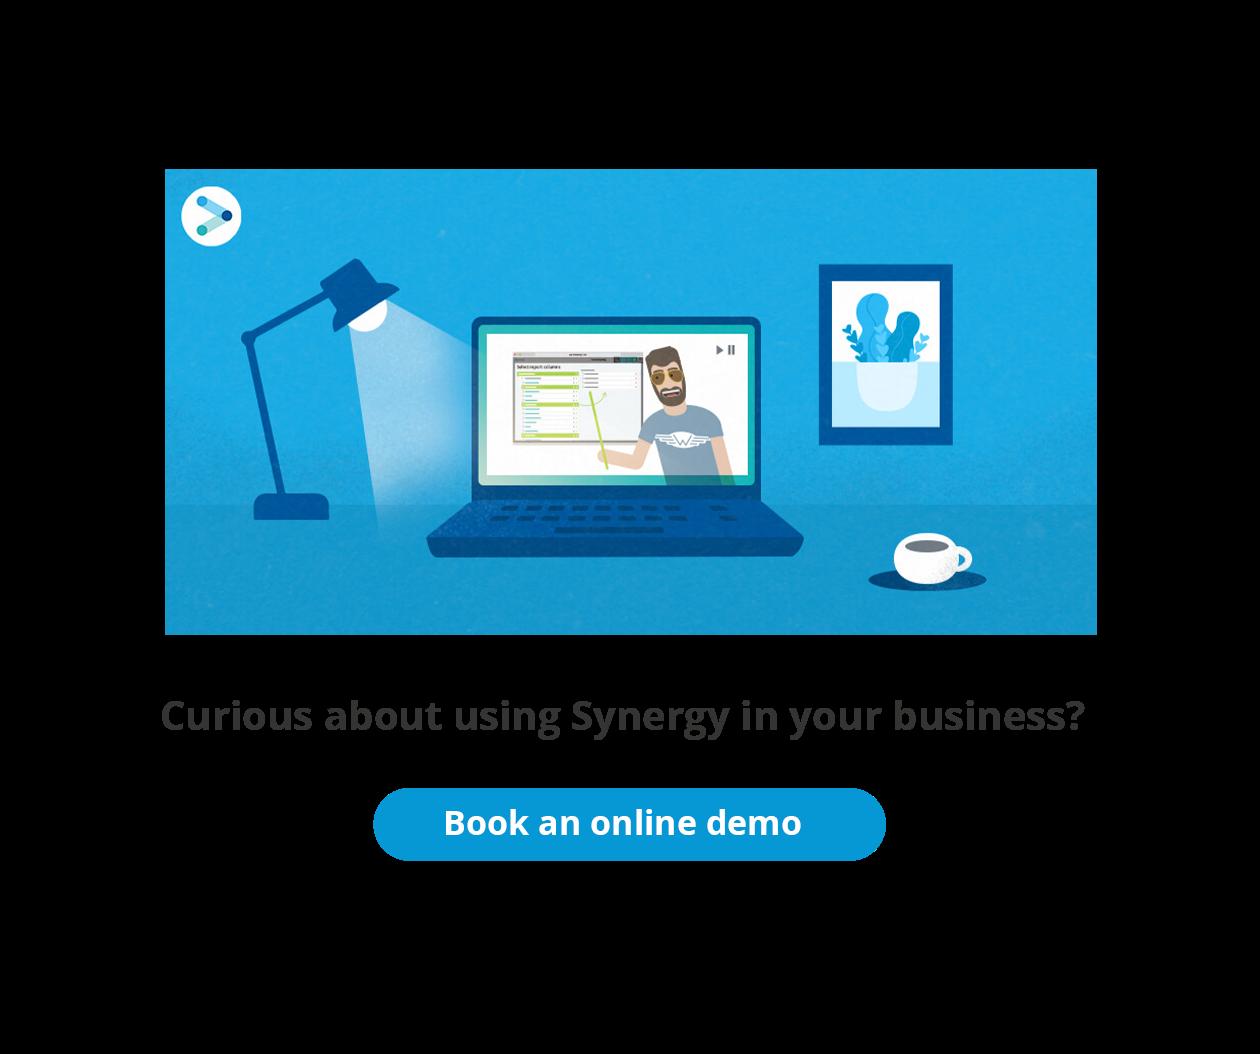 Book an online demo